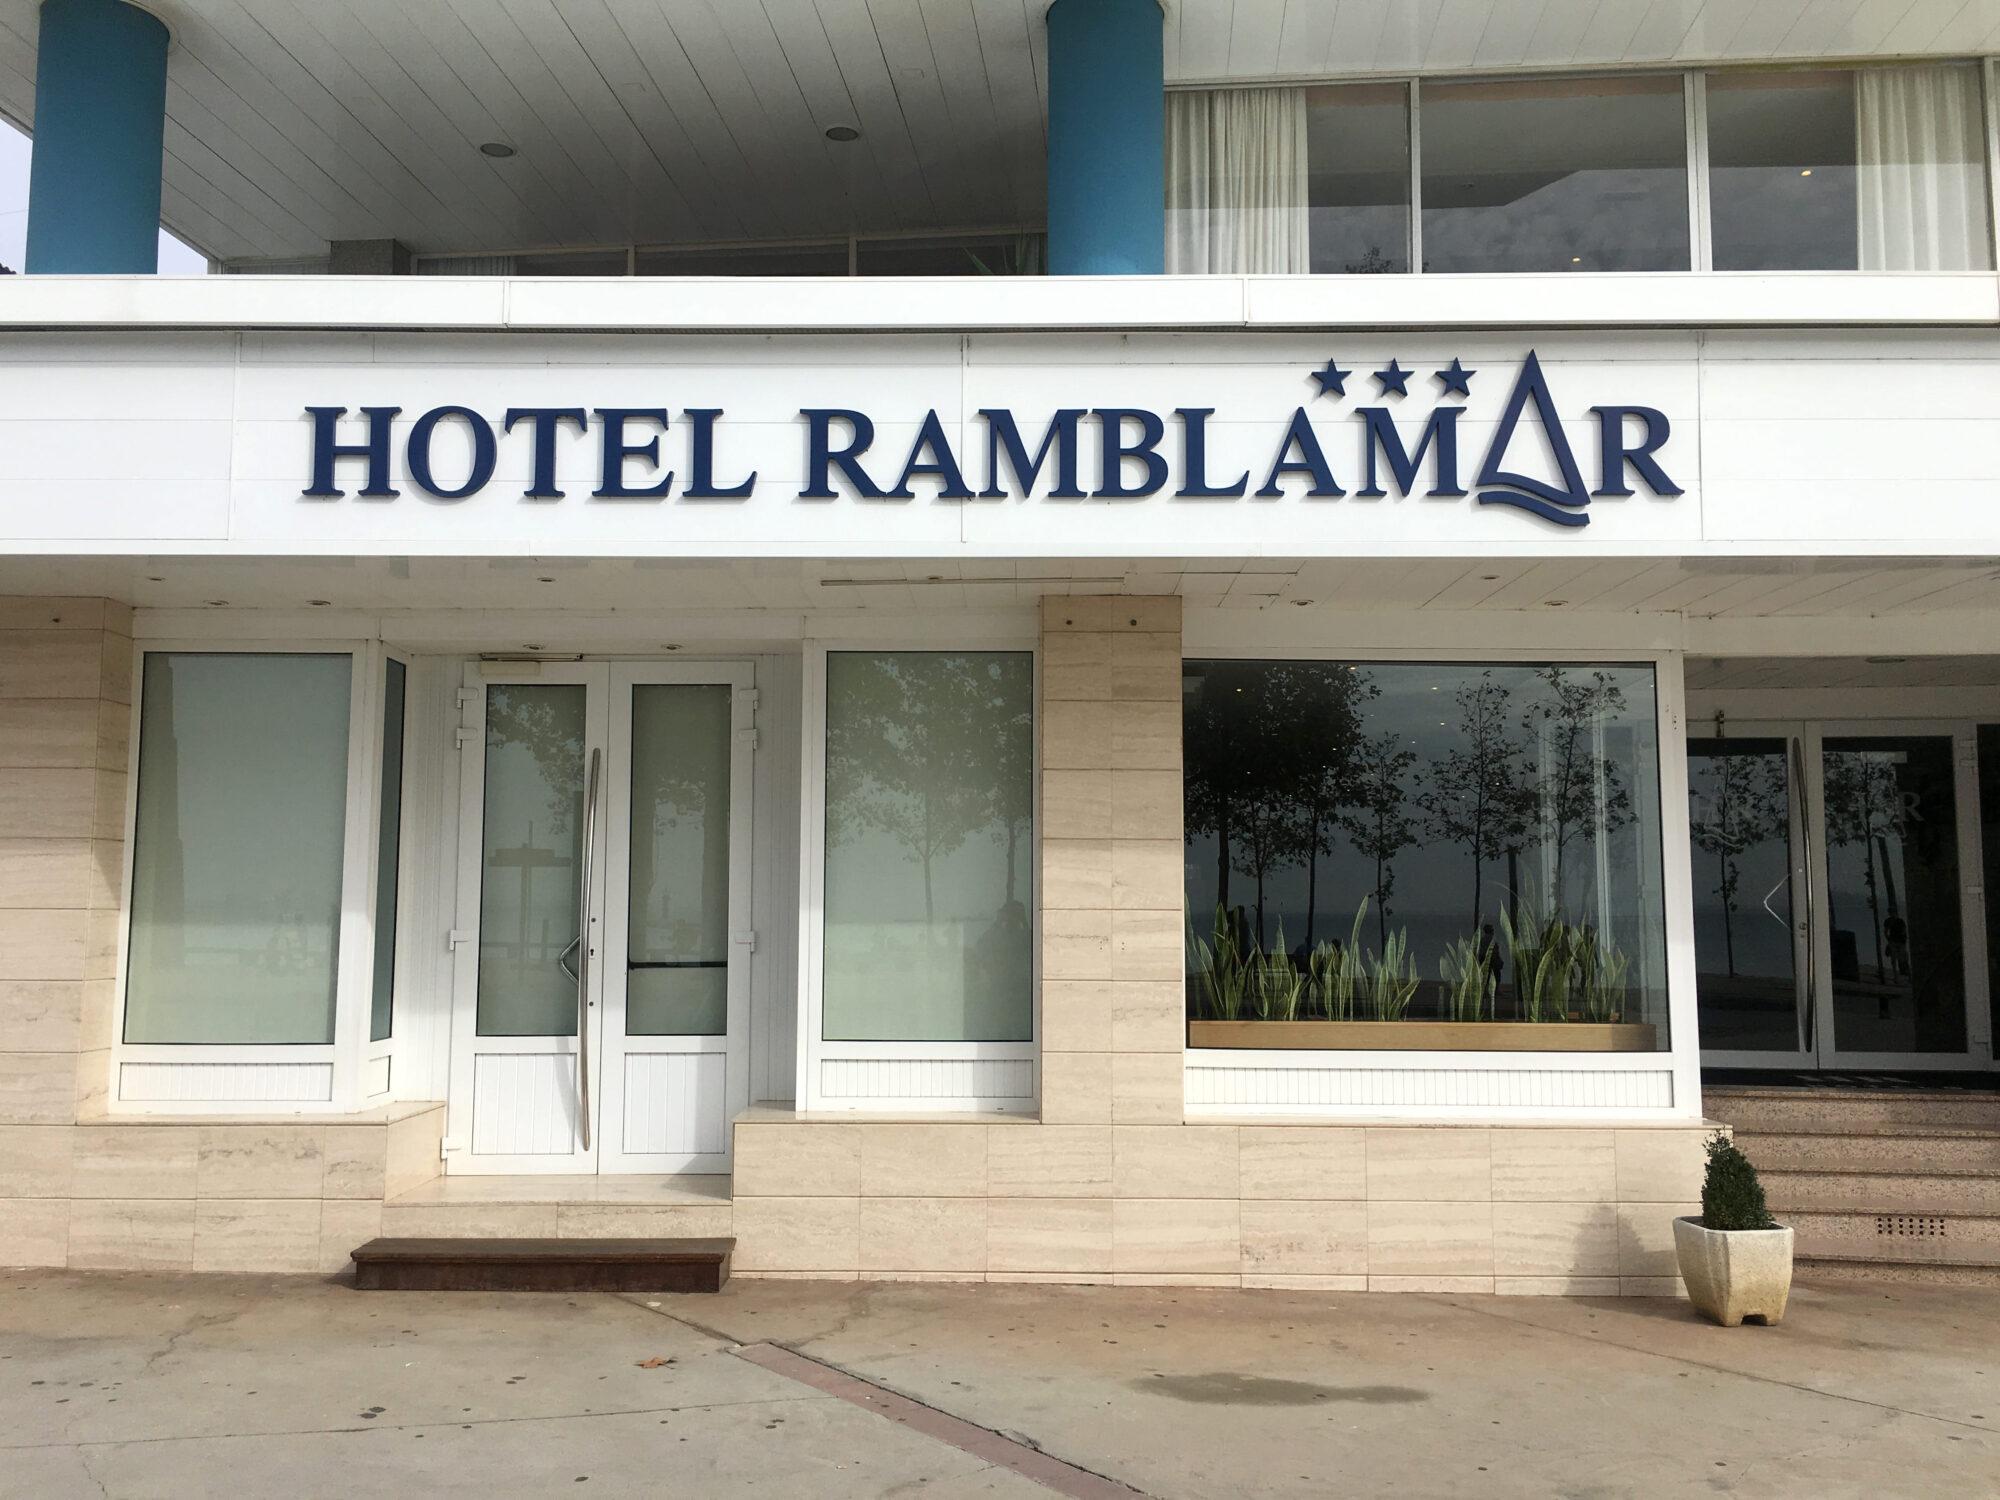 RAMBLAMAR scaled - RAMBLAMAR